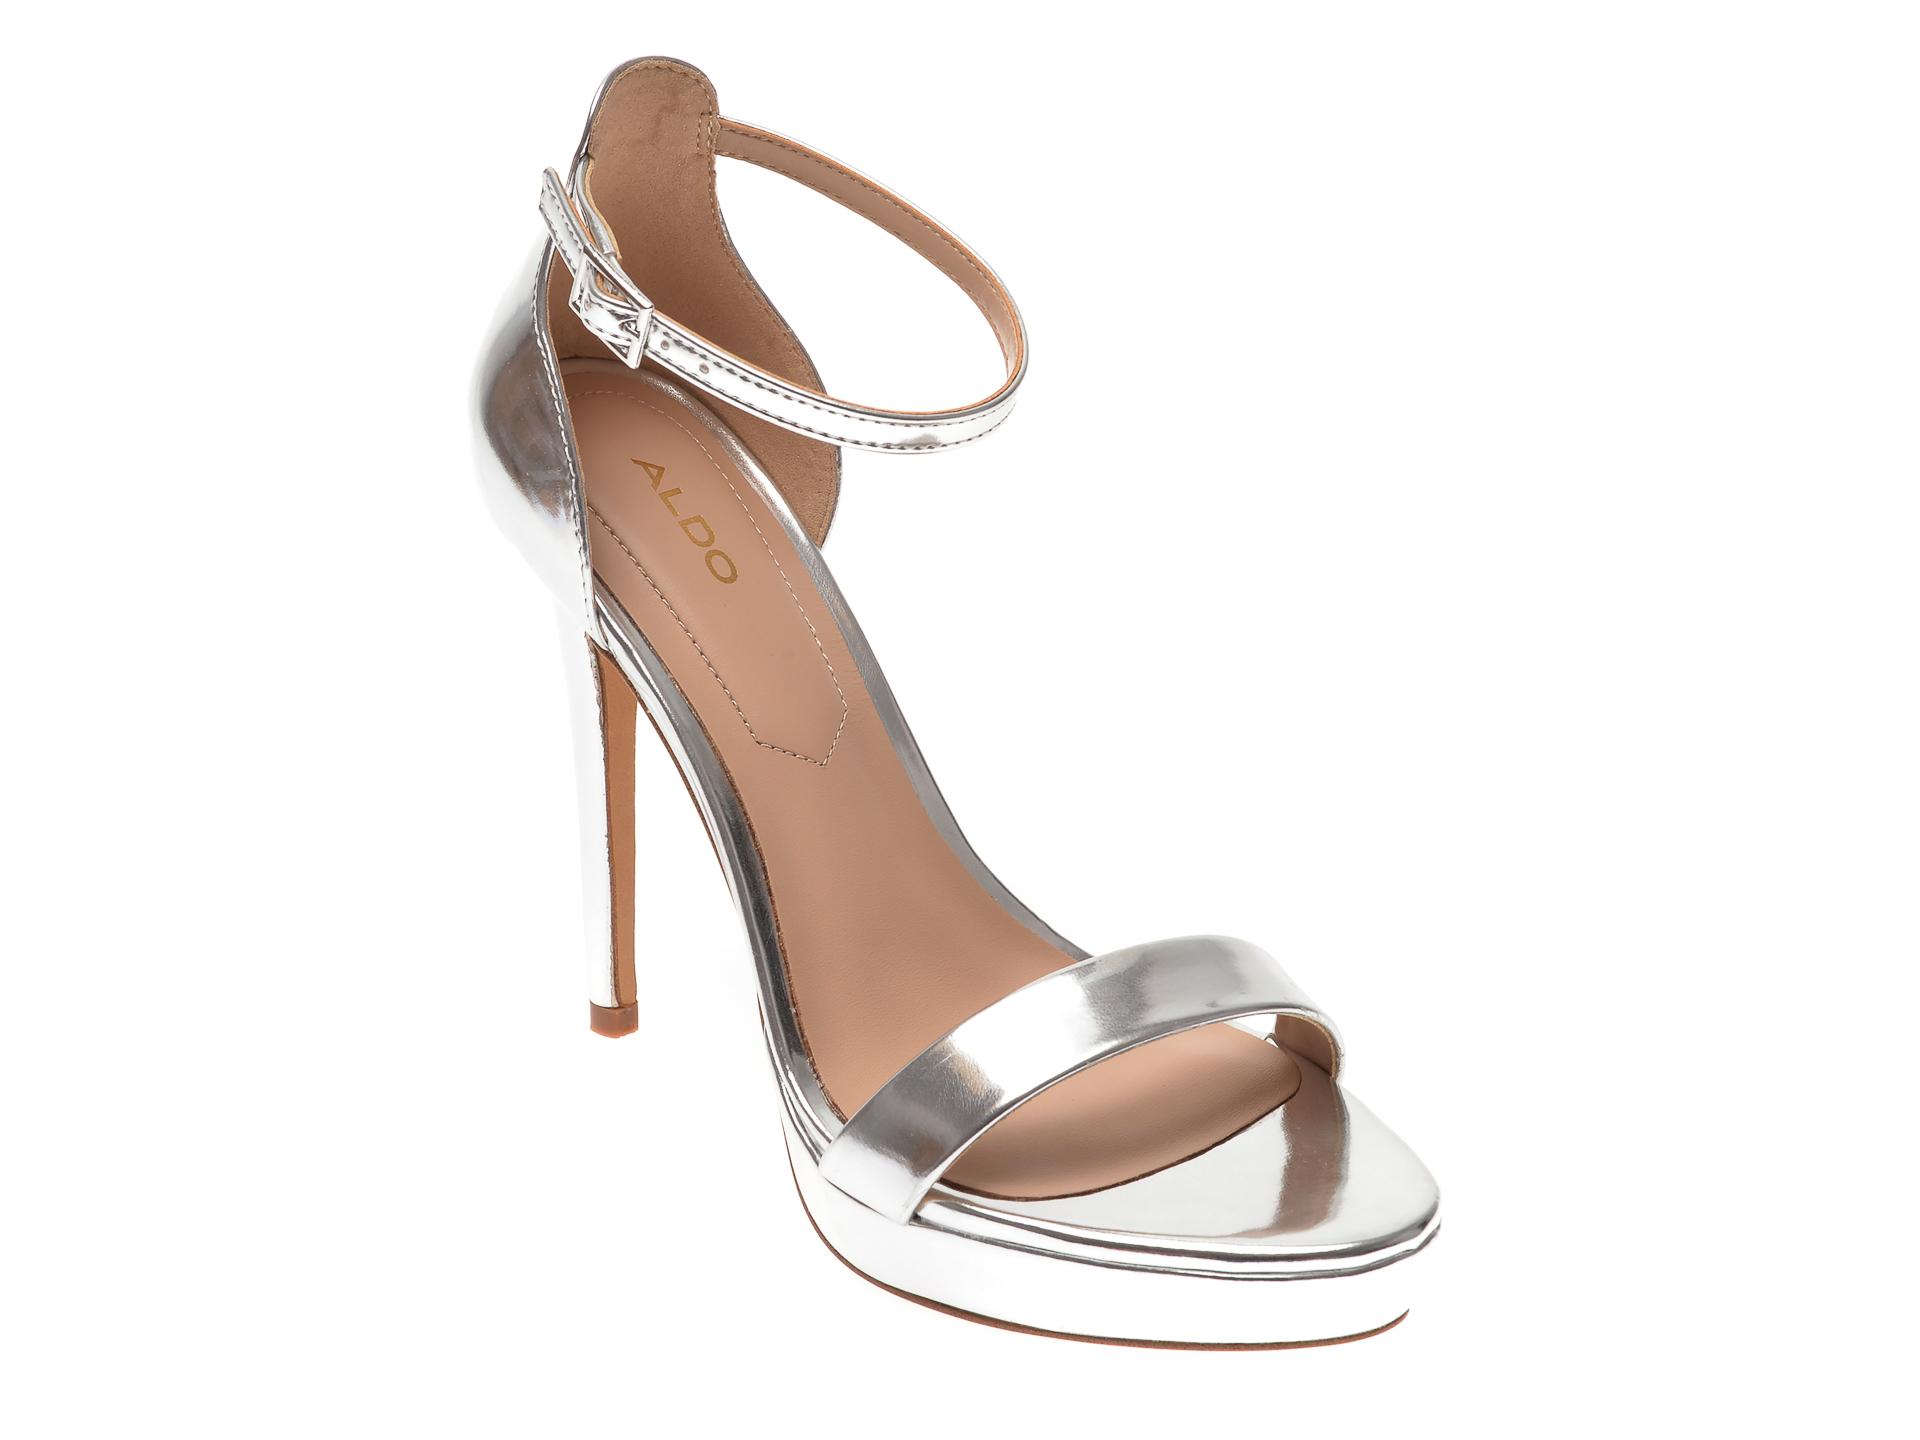 Sandale ALDO argintii, Madalene040, din piele ecologica imagine otter.ro